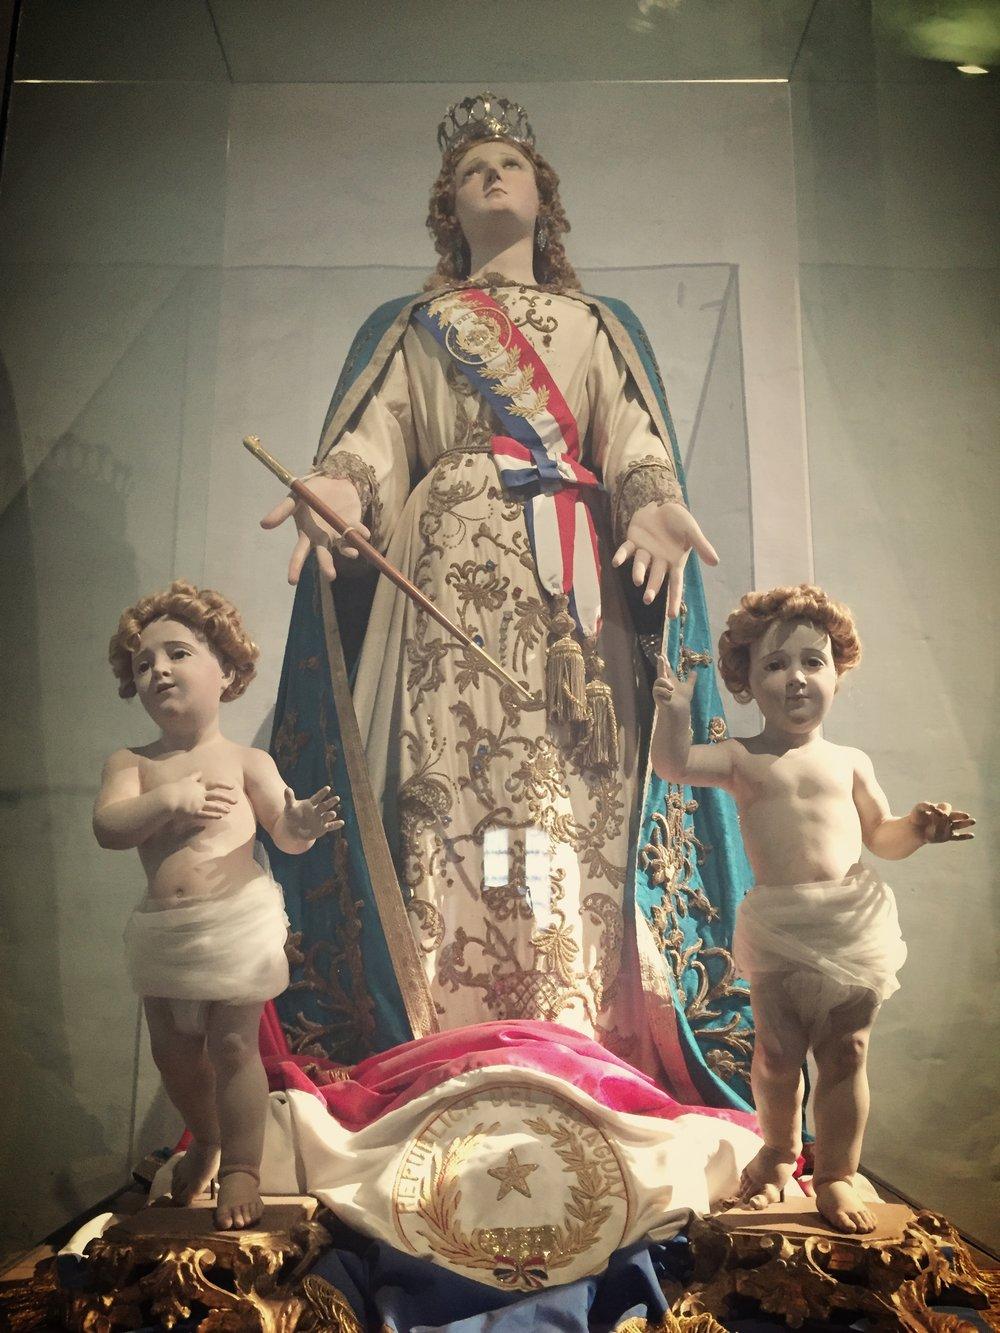 Virgen de la Asuncion (Virgin of Asuncion) in La Casa de Independencia